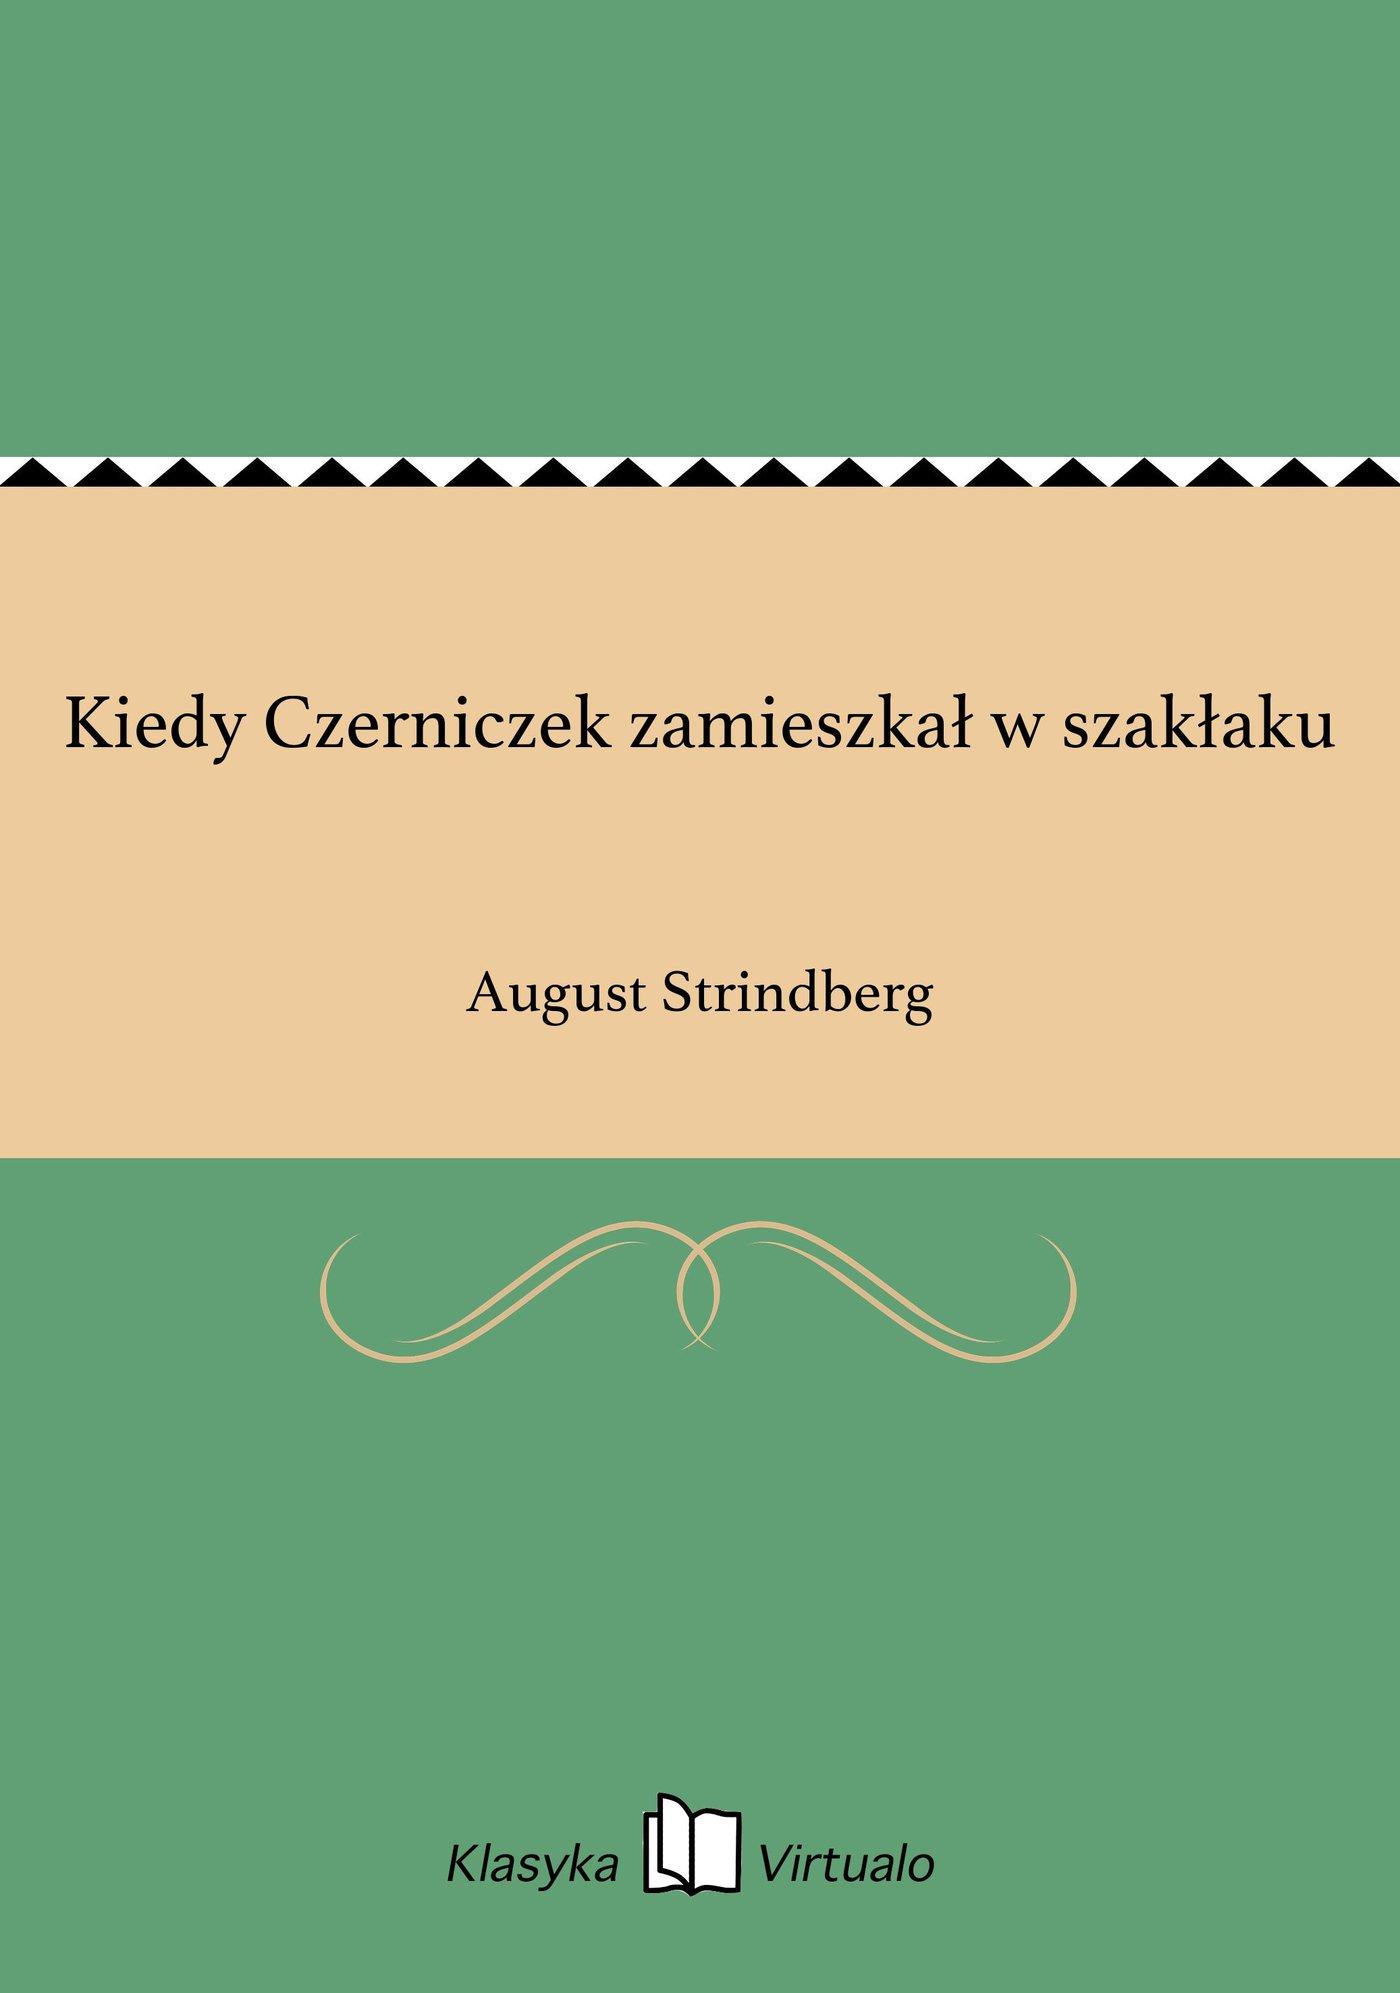 Kiedy Czerniczek zamieszkał w szakłaku - Ebook (Książka EPUB) do pobrania w formacie EPUB